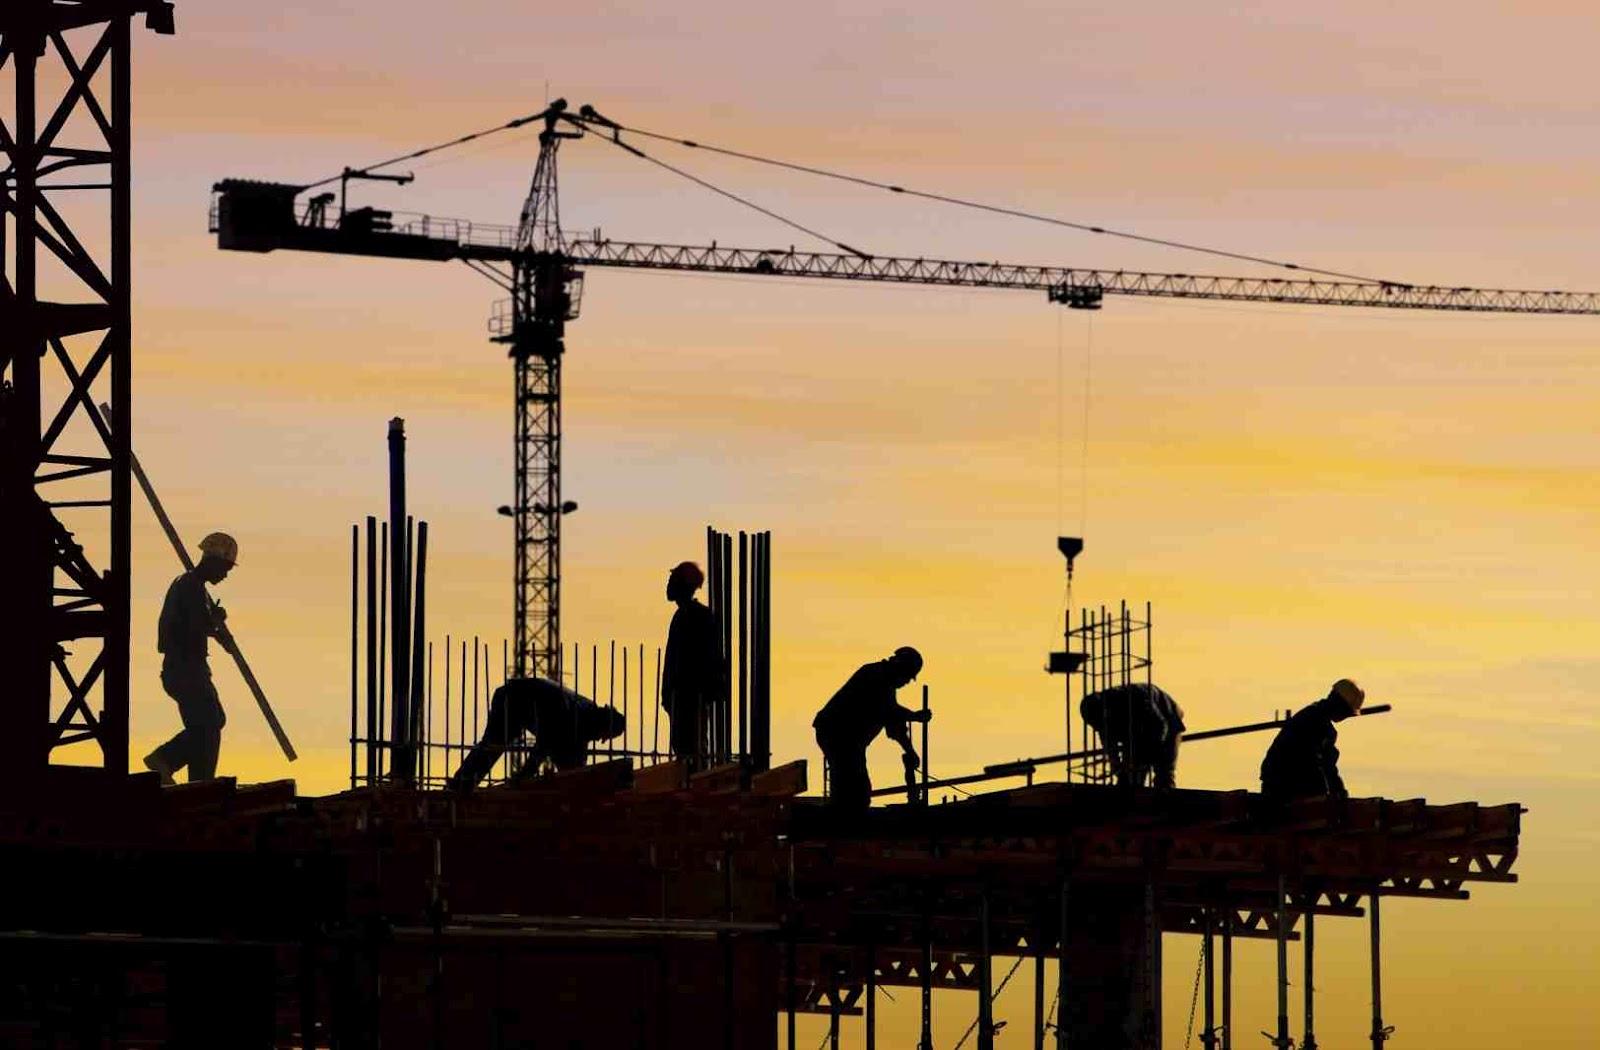 L'anno scorso i morti sul lavoro in Emilia-Romagna sono stati 52. Nei primi quattro mesi del 2015 già 12.